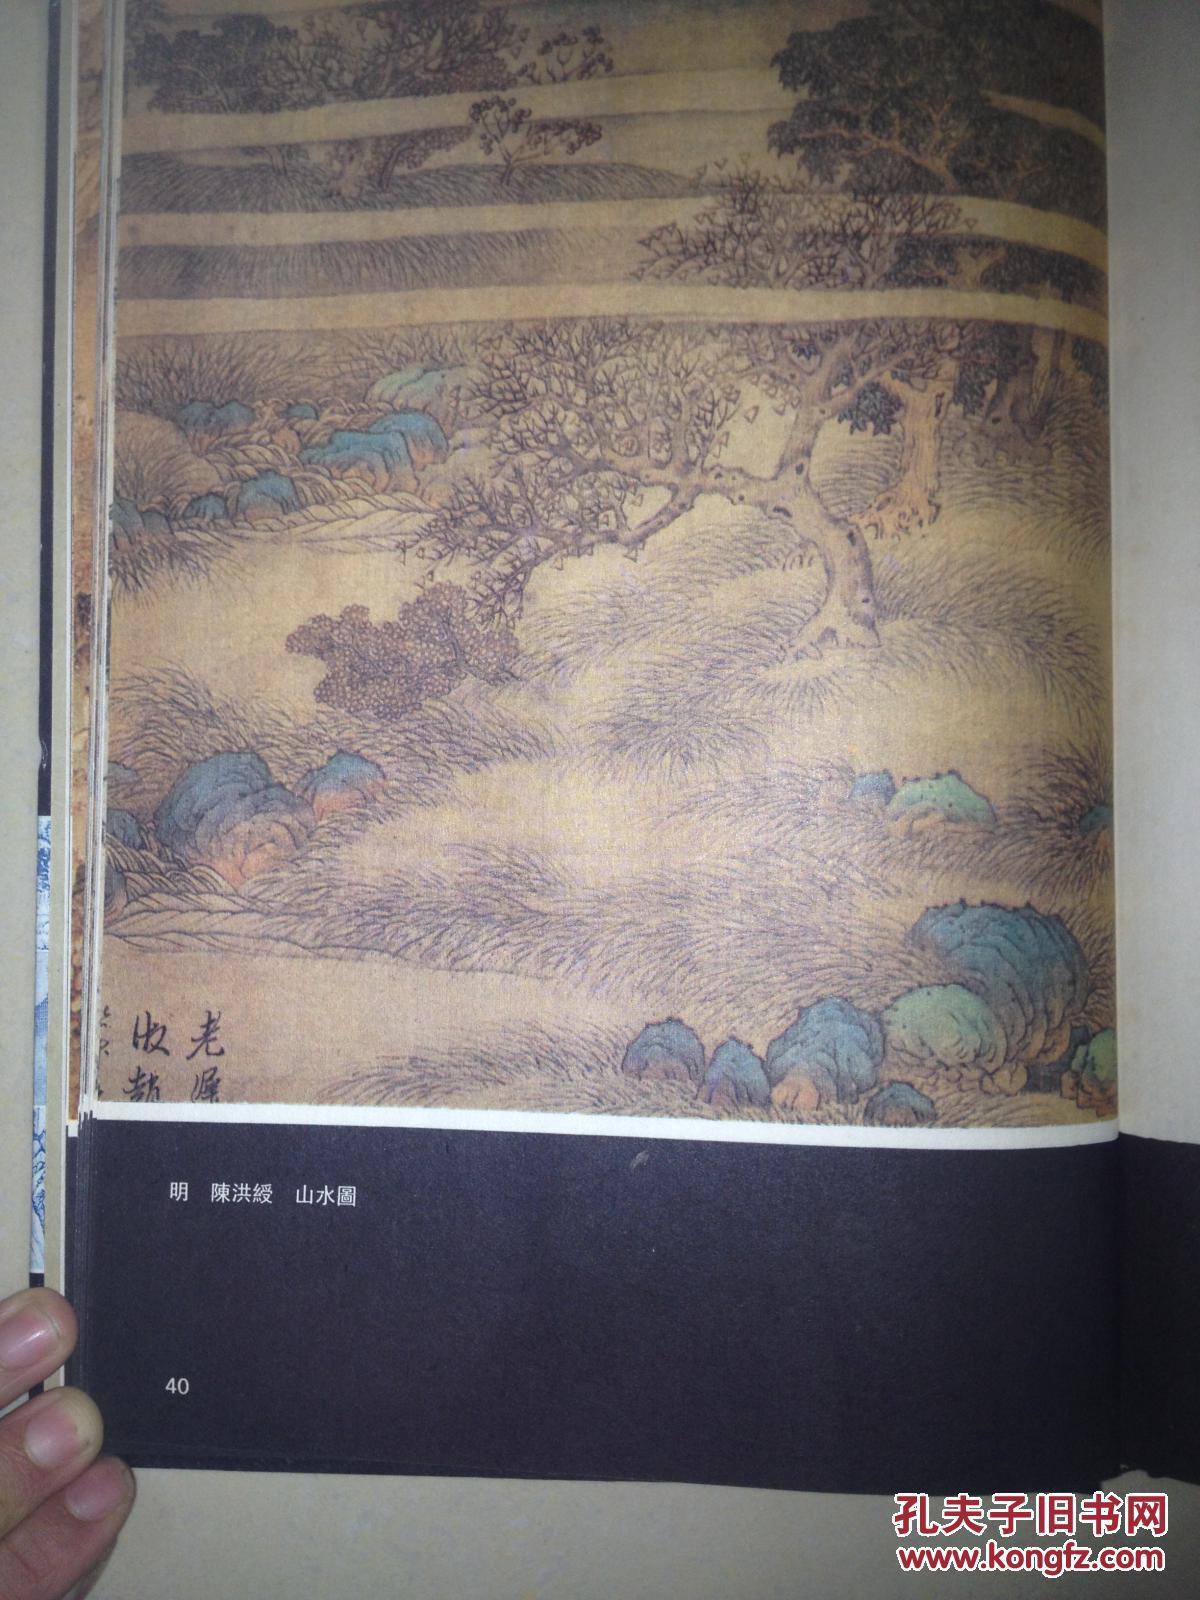 中国画历代名家技法图谱 山水编(精装全八册)【设色法,点景法,章法图片